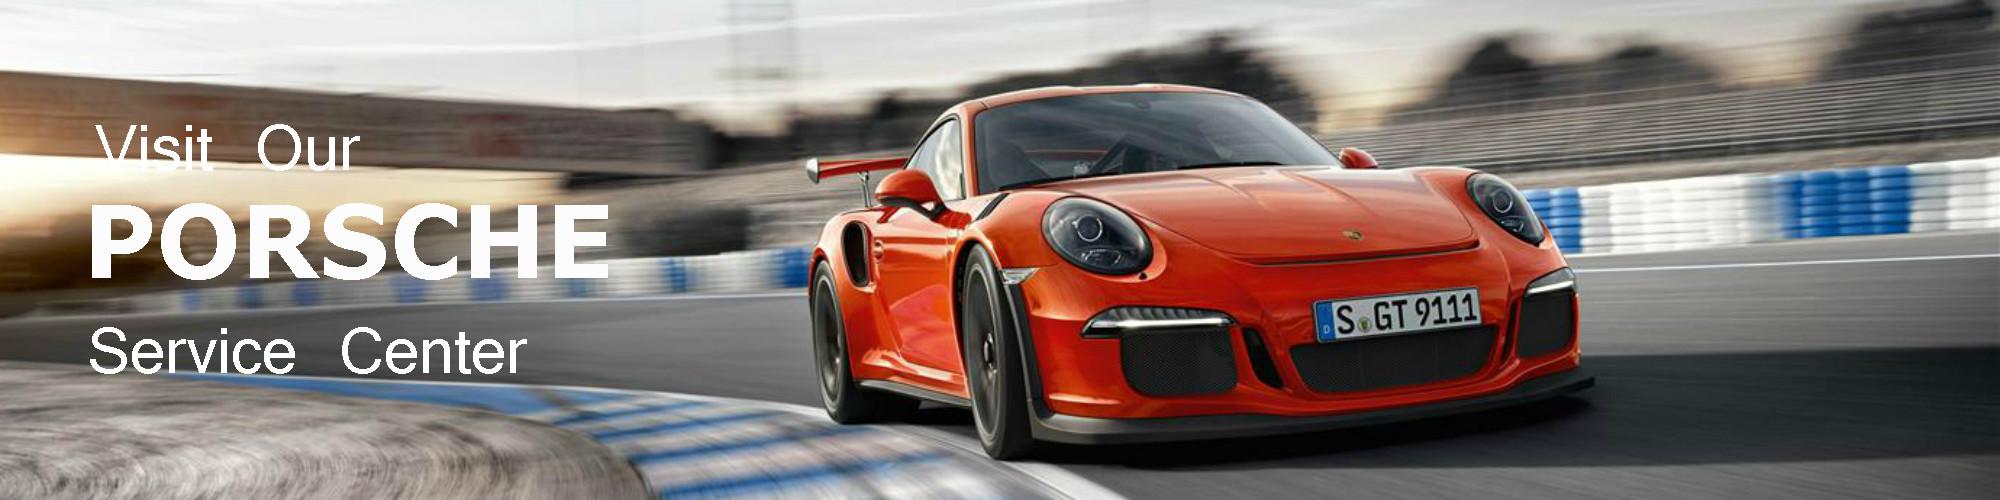 PORSCHE SERVICE REPAIR GREENSBORO NC VISIT EUROBAHN PORSCHE - Porsche service